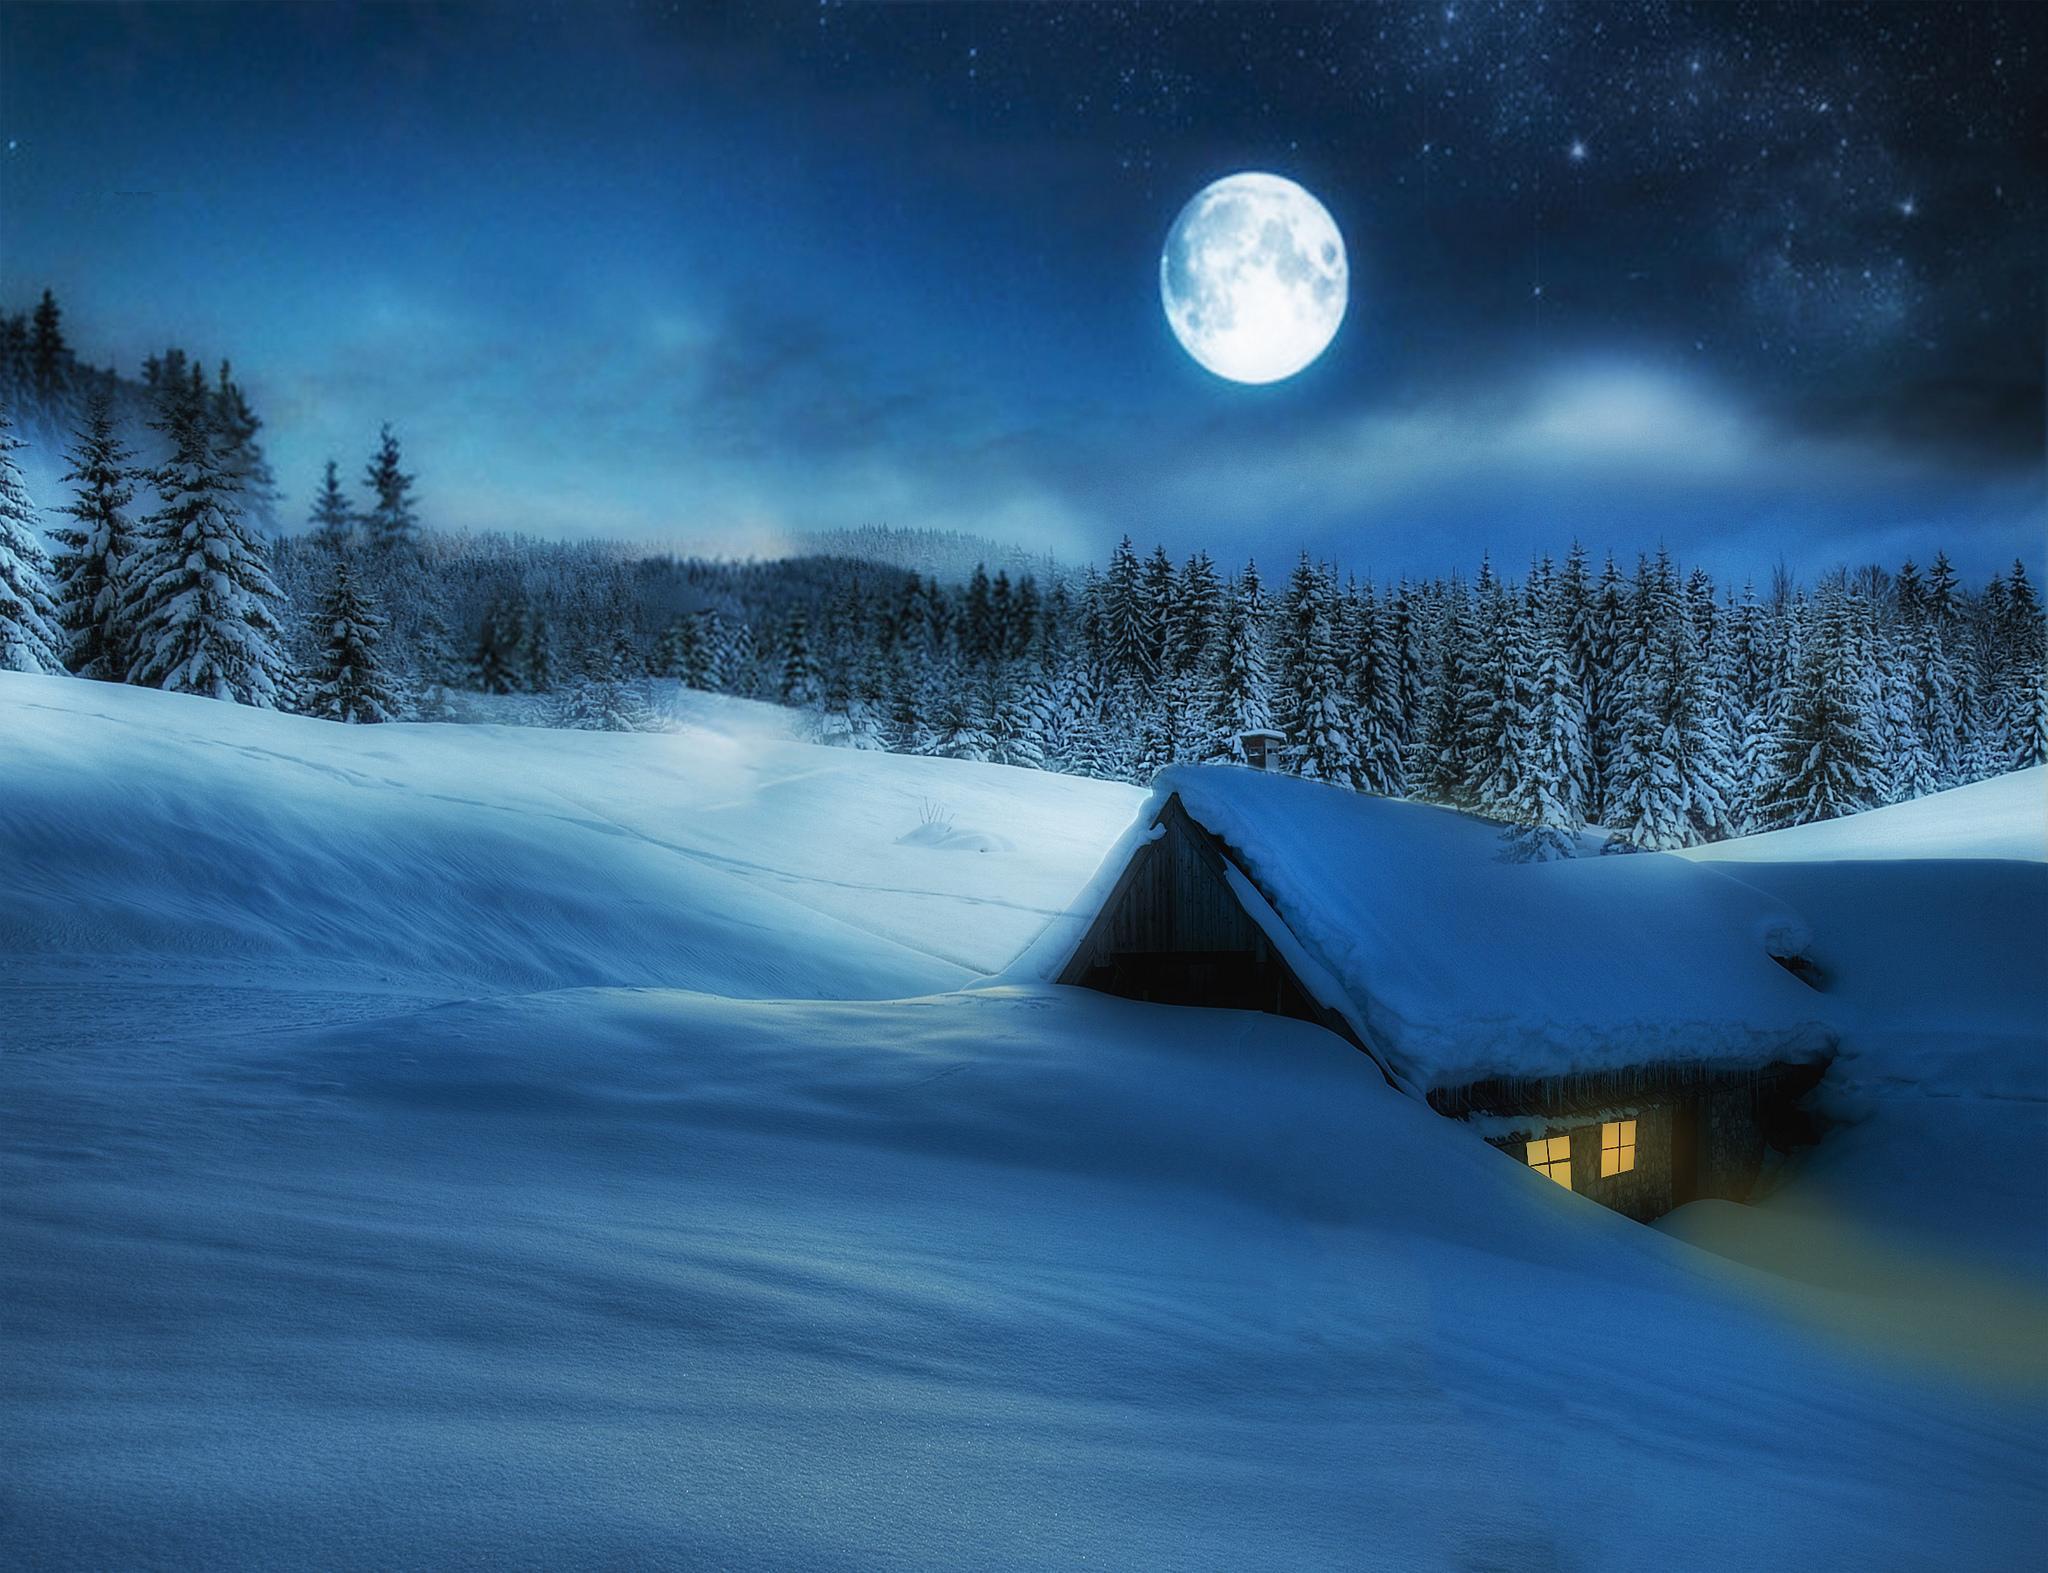 обещали привезти лунная зимняя ночь картинки коров'яче один найкорисніших